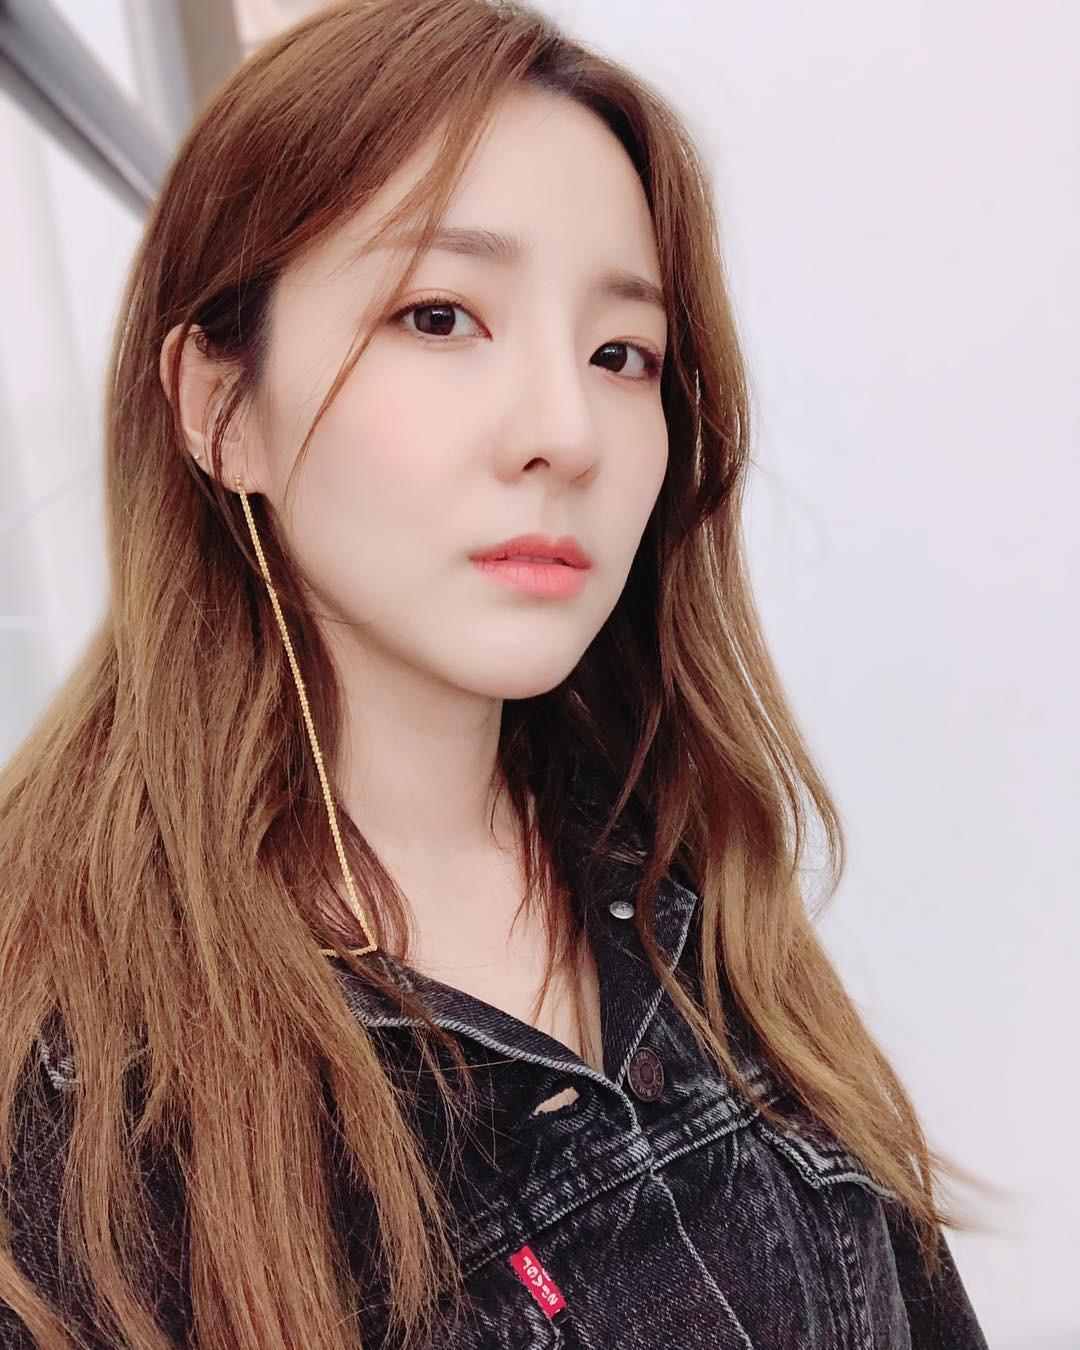 Không ngờ người đẹp không tuổi Dara U40 lại có cách níu giữ tuổi xuân đơn giản đến vậy - Ảnh 3.